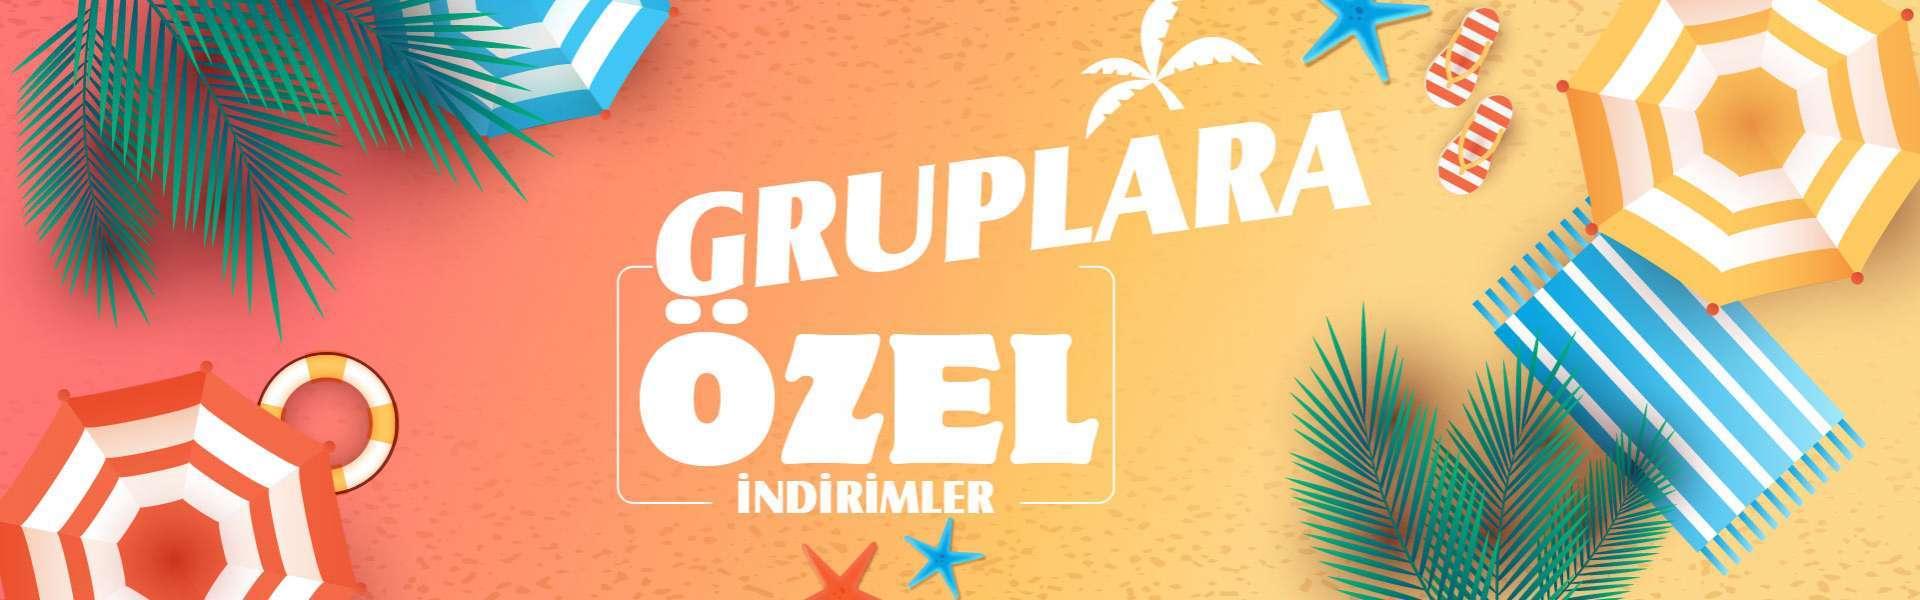 Touren Turquia